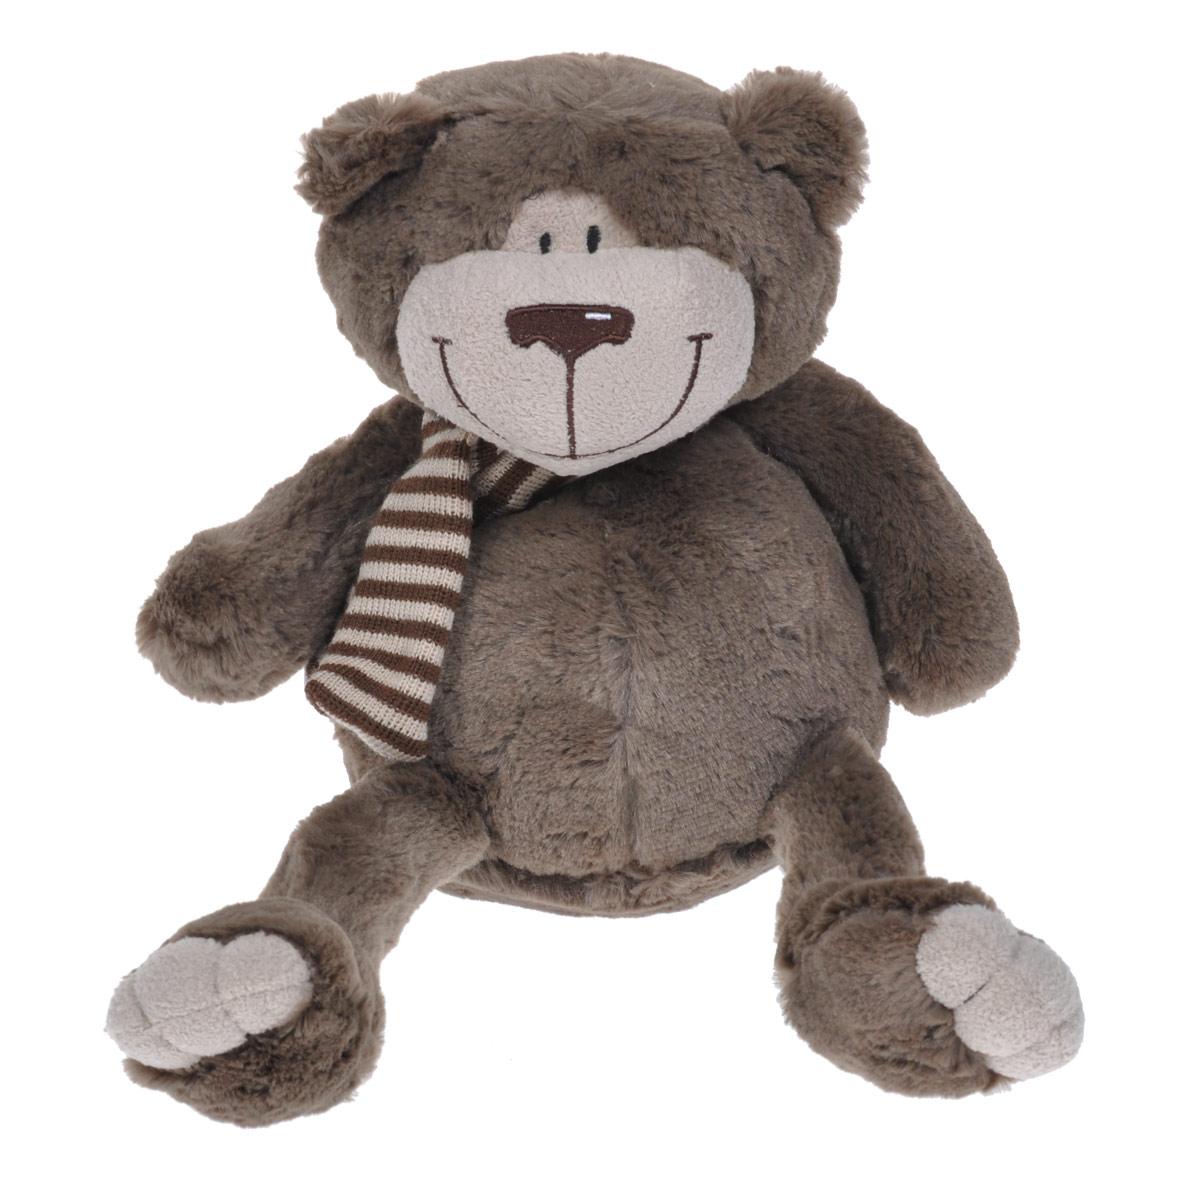 Мягкая игрушка Maxi Toys Мишка Тодди, цвет: коричневый, 25 смMT-MRT031308-25Очаровательная мягкая игрушка Maxi Toys Мишка Тодди вызовет умиление и улыбку у каждого, кто ее увидит. Она выполнена в виде милого коричневого медвежонка с полосатым шарфиком шее. Глазки, носик и ротик вышиты нитками. Удивительно мягкая игрушка принесет радость и подарит своему обладателю мгновения нежных объятий и приятных воспоминаний. Великолепное качество исполнения делают эту игрушку чудесным подарком к любому празднику.